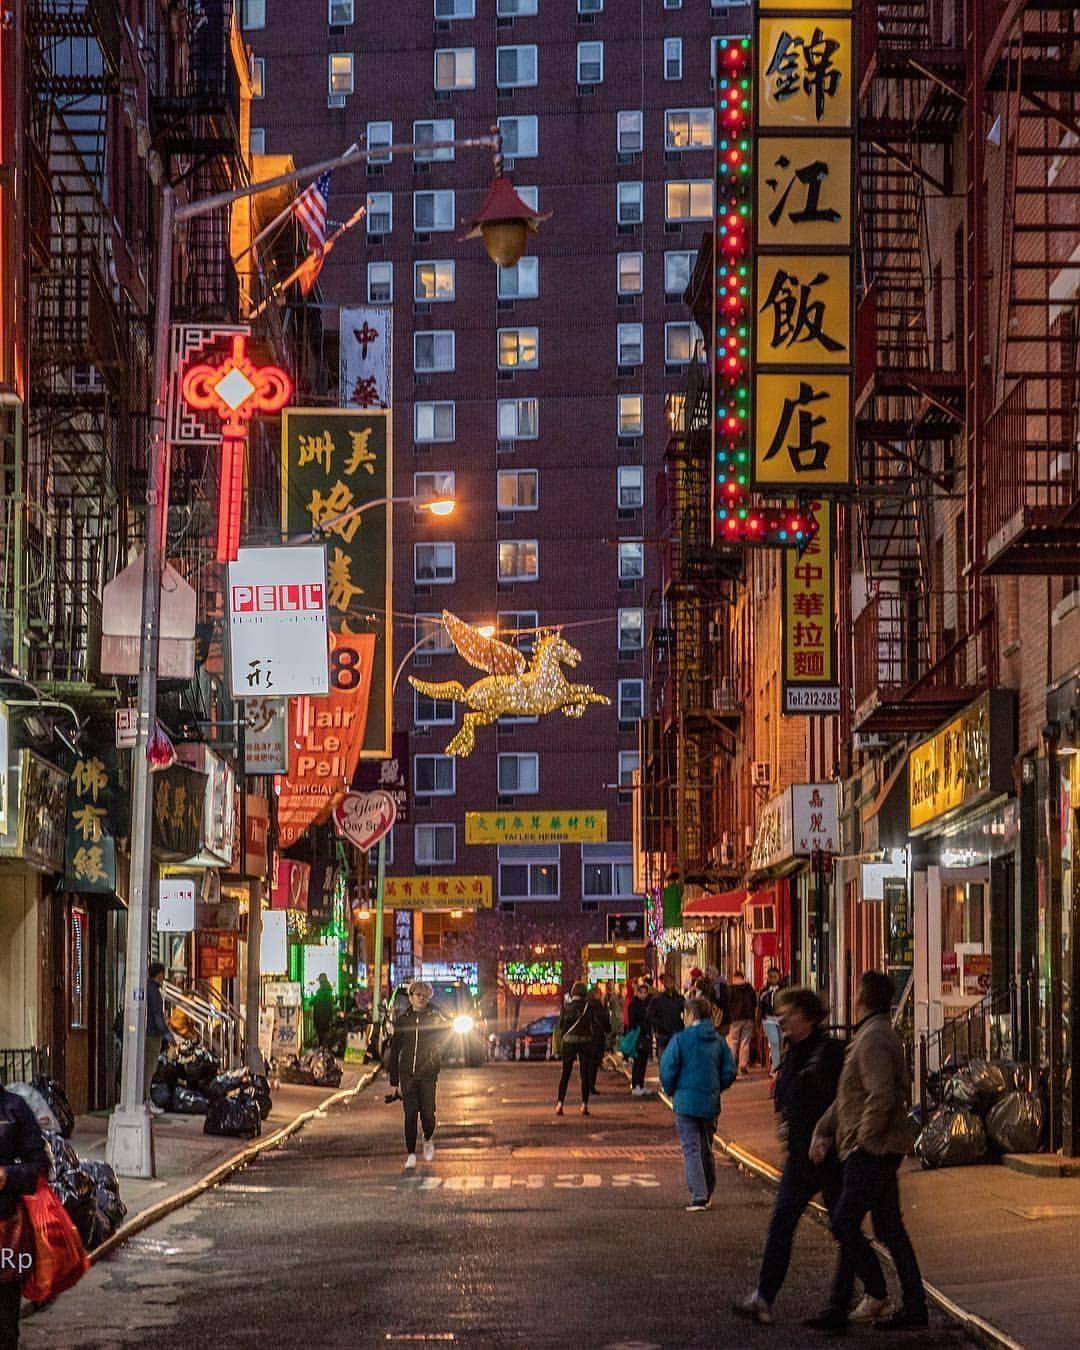 Newyork Newyorkcity Chinatownmanhattan Chinatown Nyc Ilovenewyork Thingstodoinnewyork Newyorker Newy Chinatown Nyc Chinatown Manhattan Nyc Photography